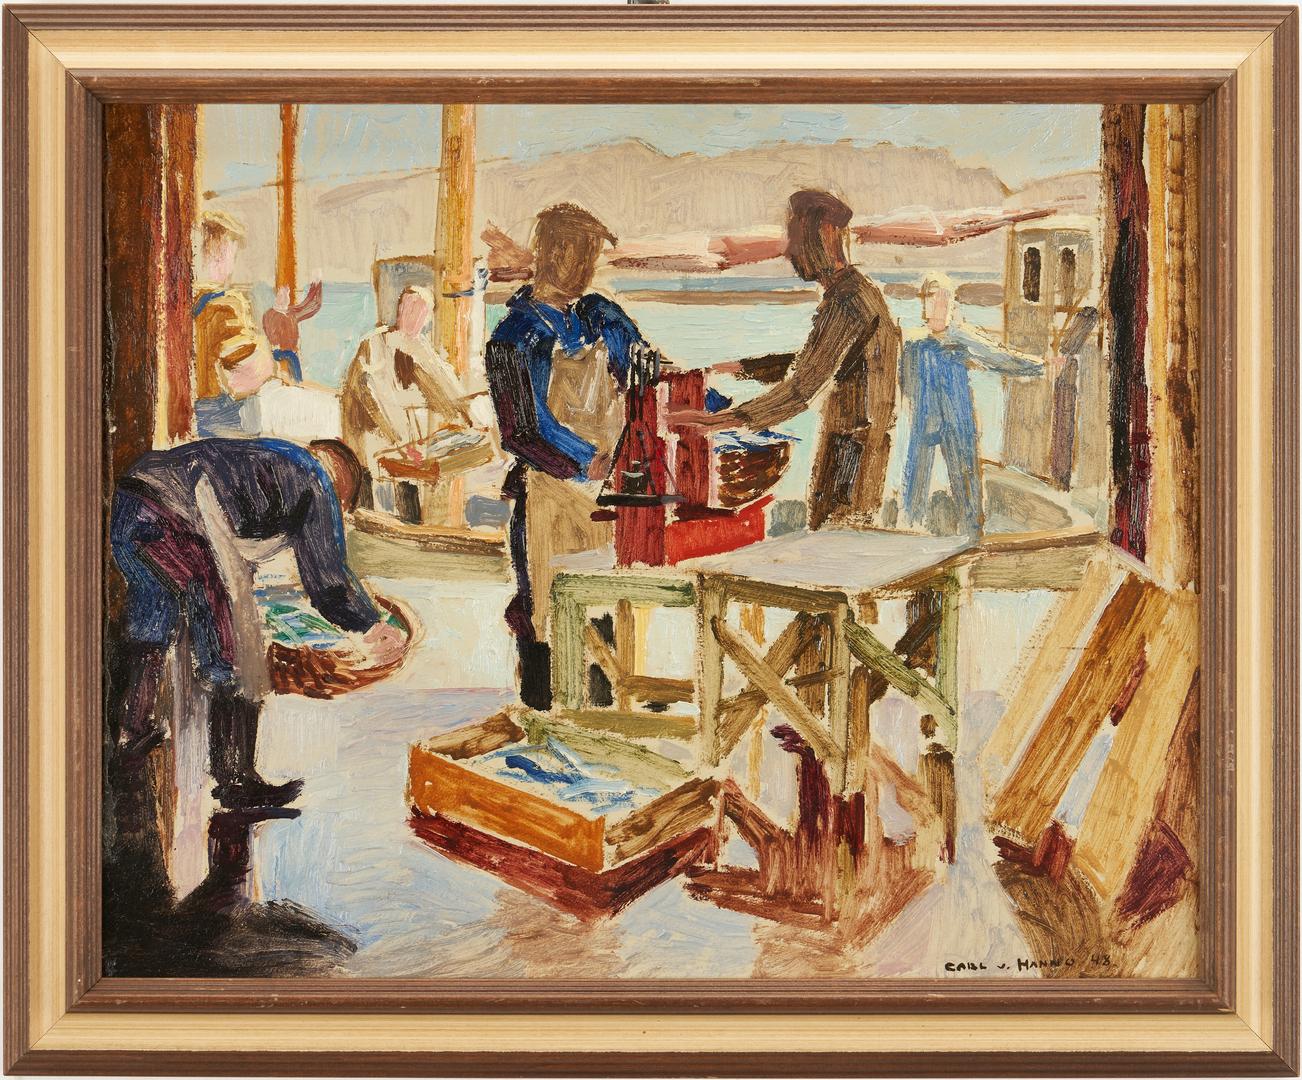 Lot 371: Carl Von Hanno O/B, Men Weighing Fish